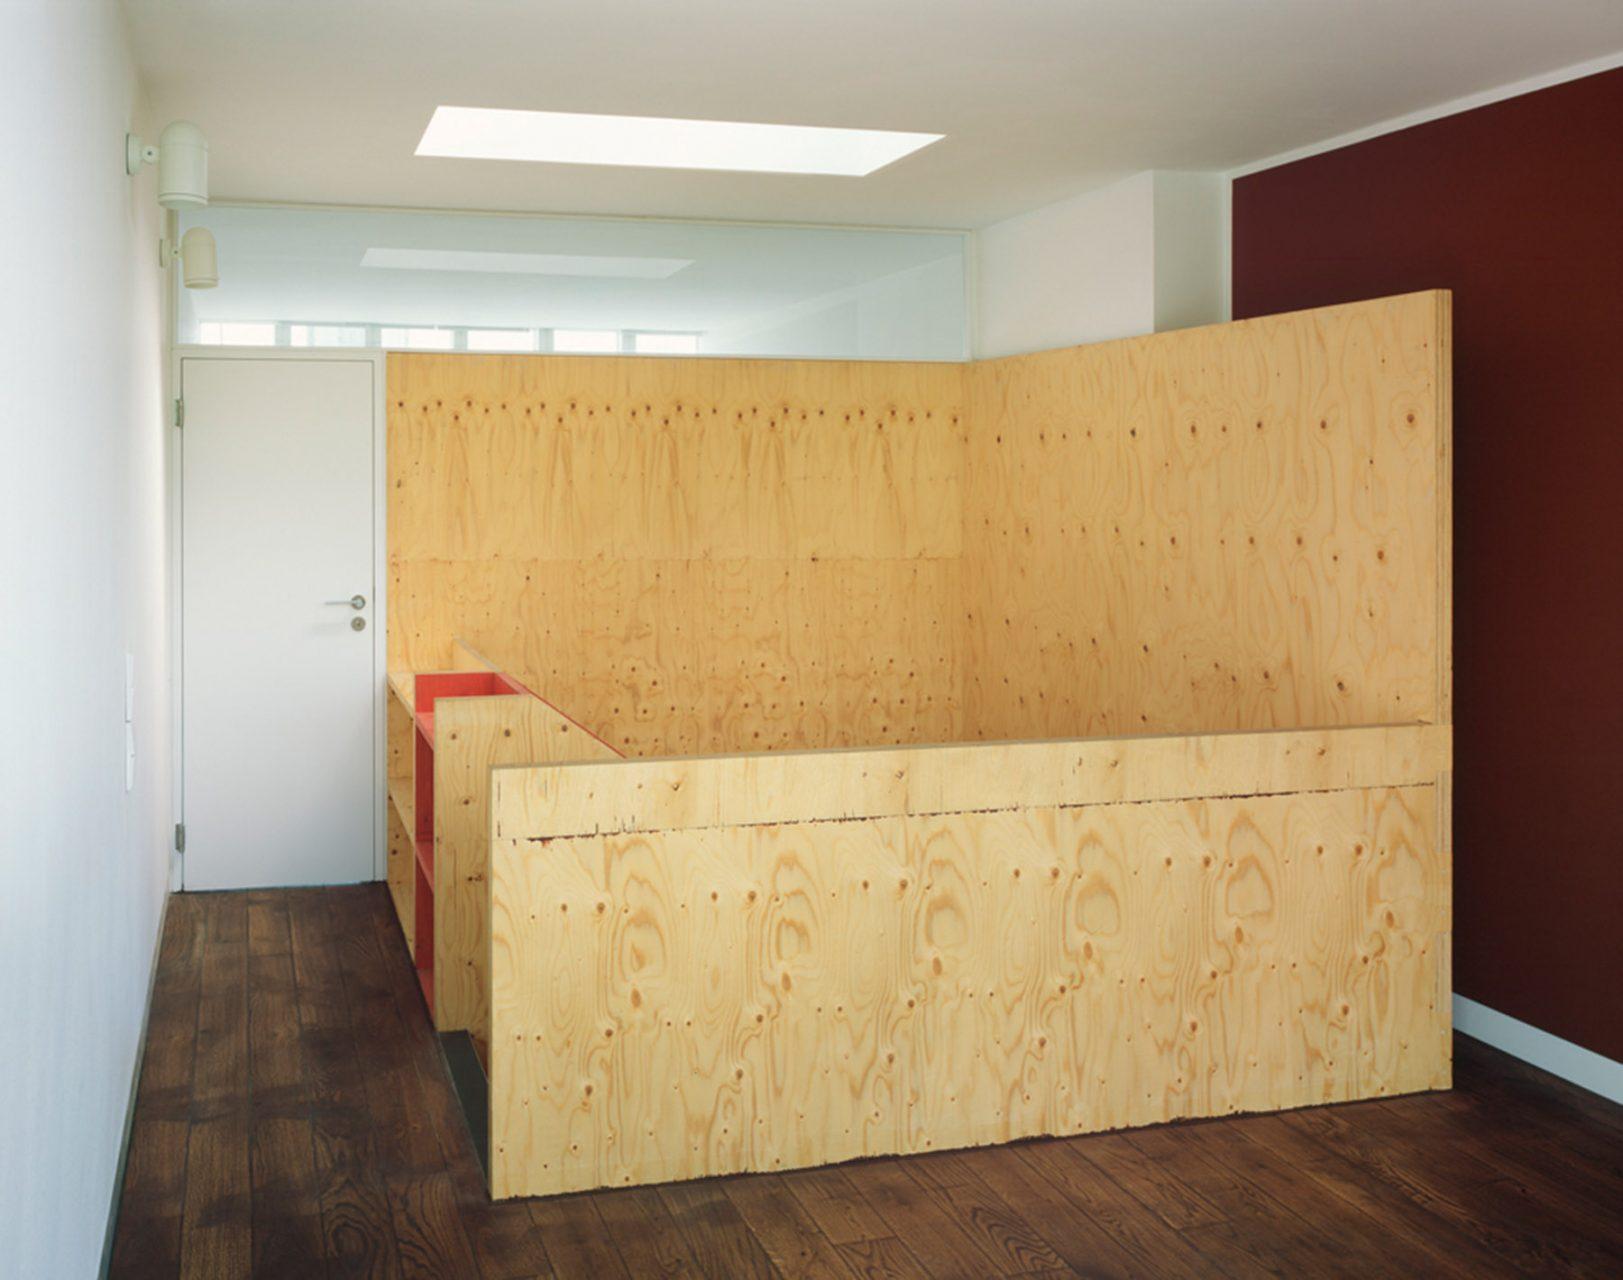 neo_leo. Sie gibt der Wohnung als orangerot leuchtende Skulptur einen neuen Mittepunkt und endet unter einem Oberlicht in einem großzügig verglasten Studio im Dachgeschoss. Das Projekt erhielt 2006 den Holzbaupreis NRW sowie den Kölner Architekturpreis.